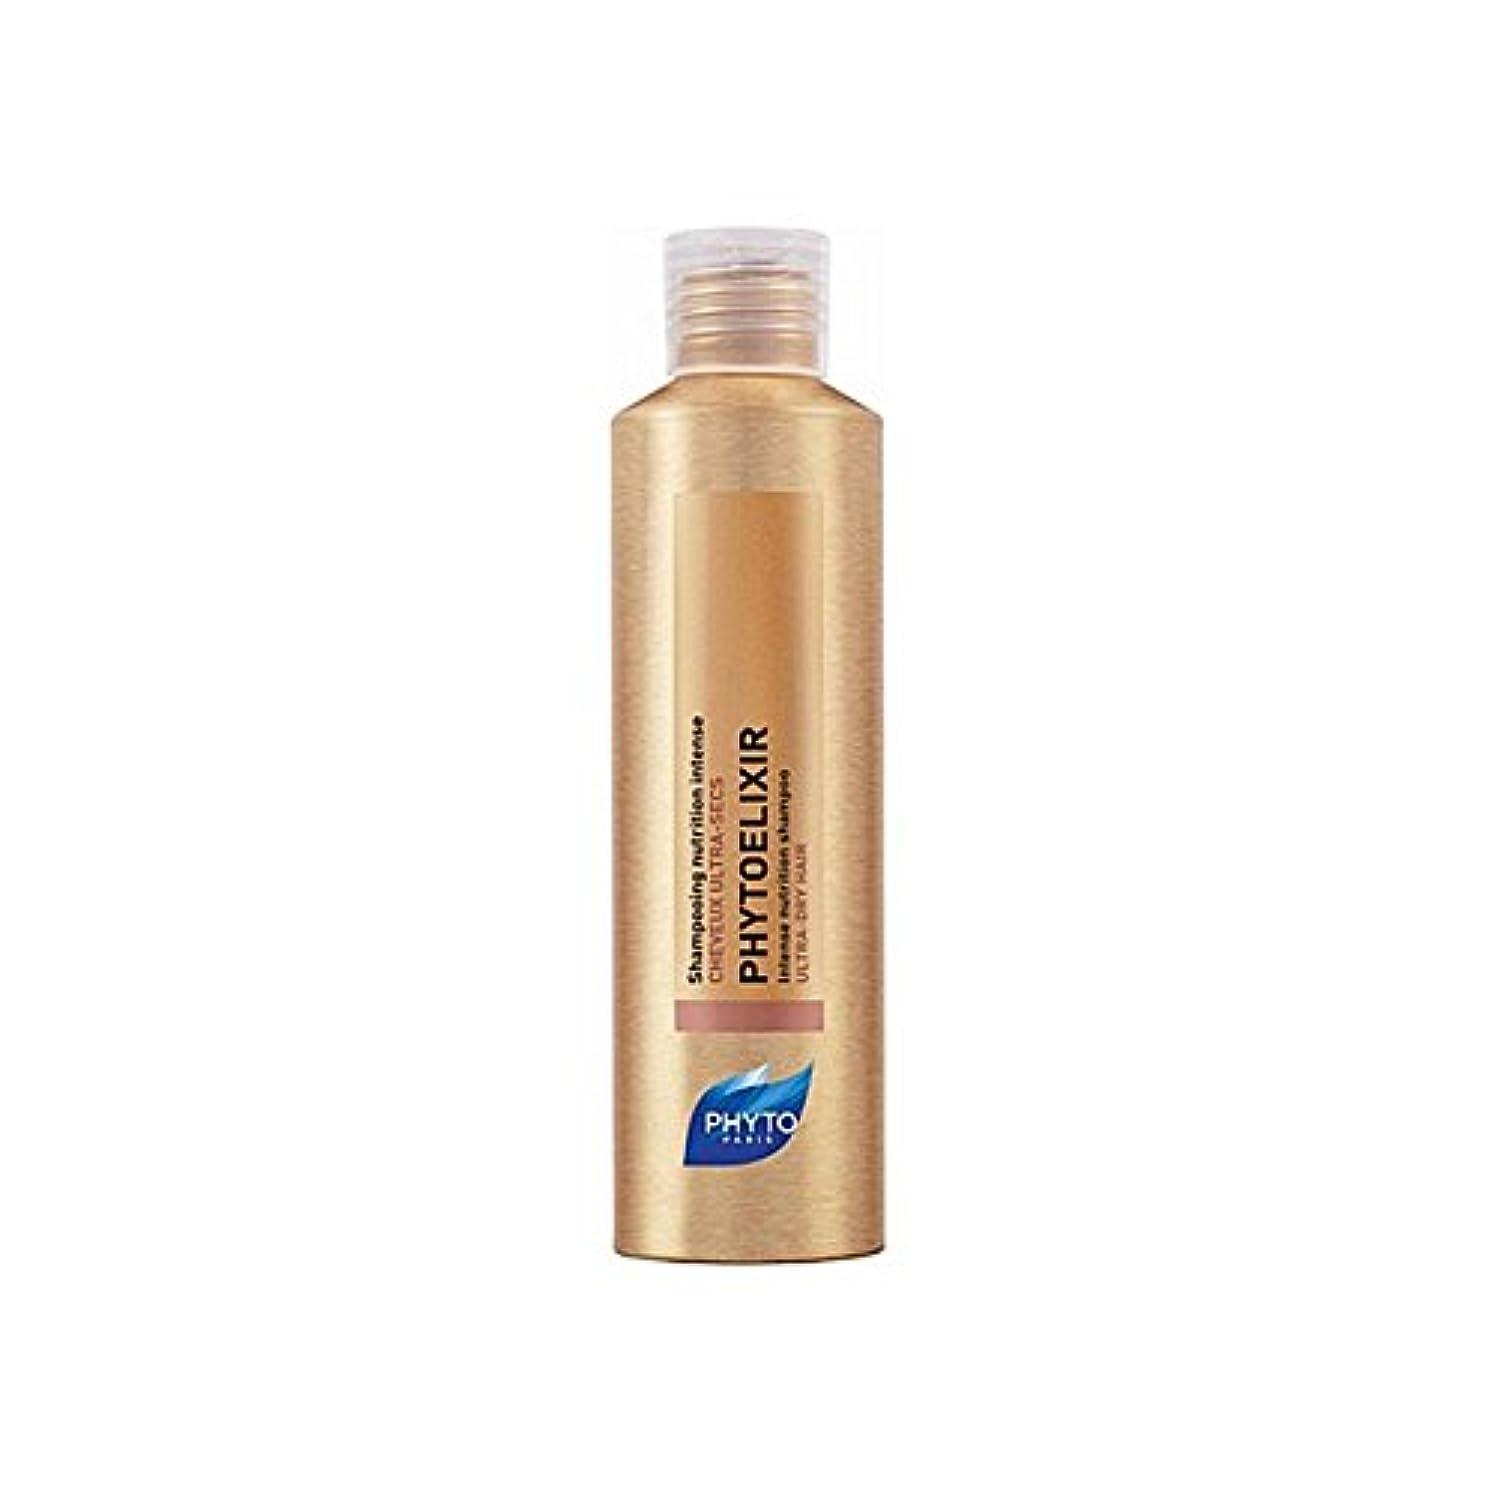 マーキング球体野心Phyto Phytoelixir Intense Nutrition Shampoo - フィトの強烈な栄養シャンプー [並行輸入品]